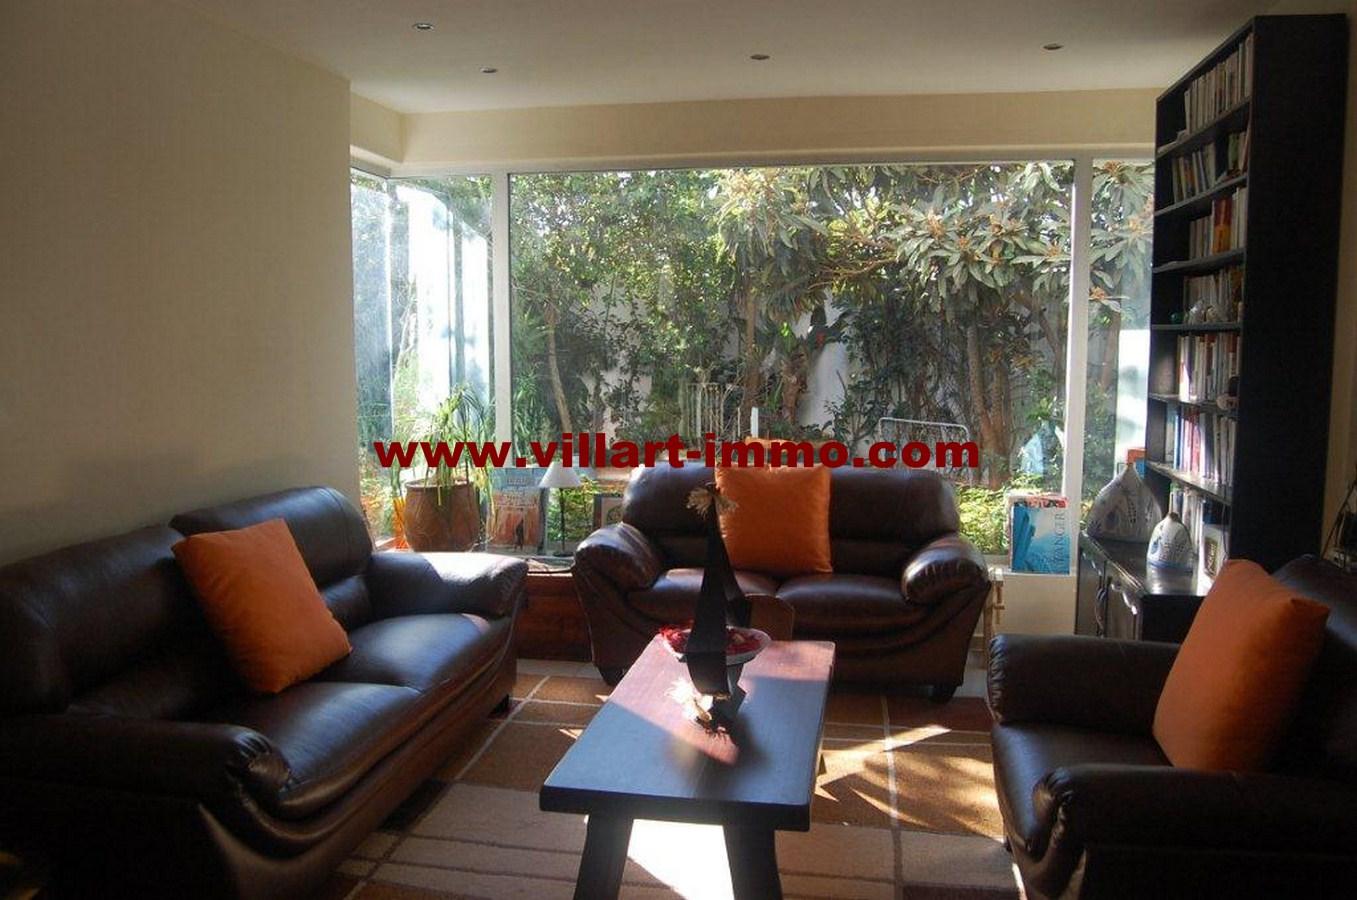 4-a-vendre-tanger-villa-californie-salon-2-vv461-villart-immo-agence-immobiliere-copier